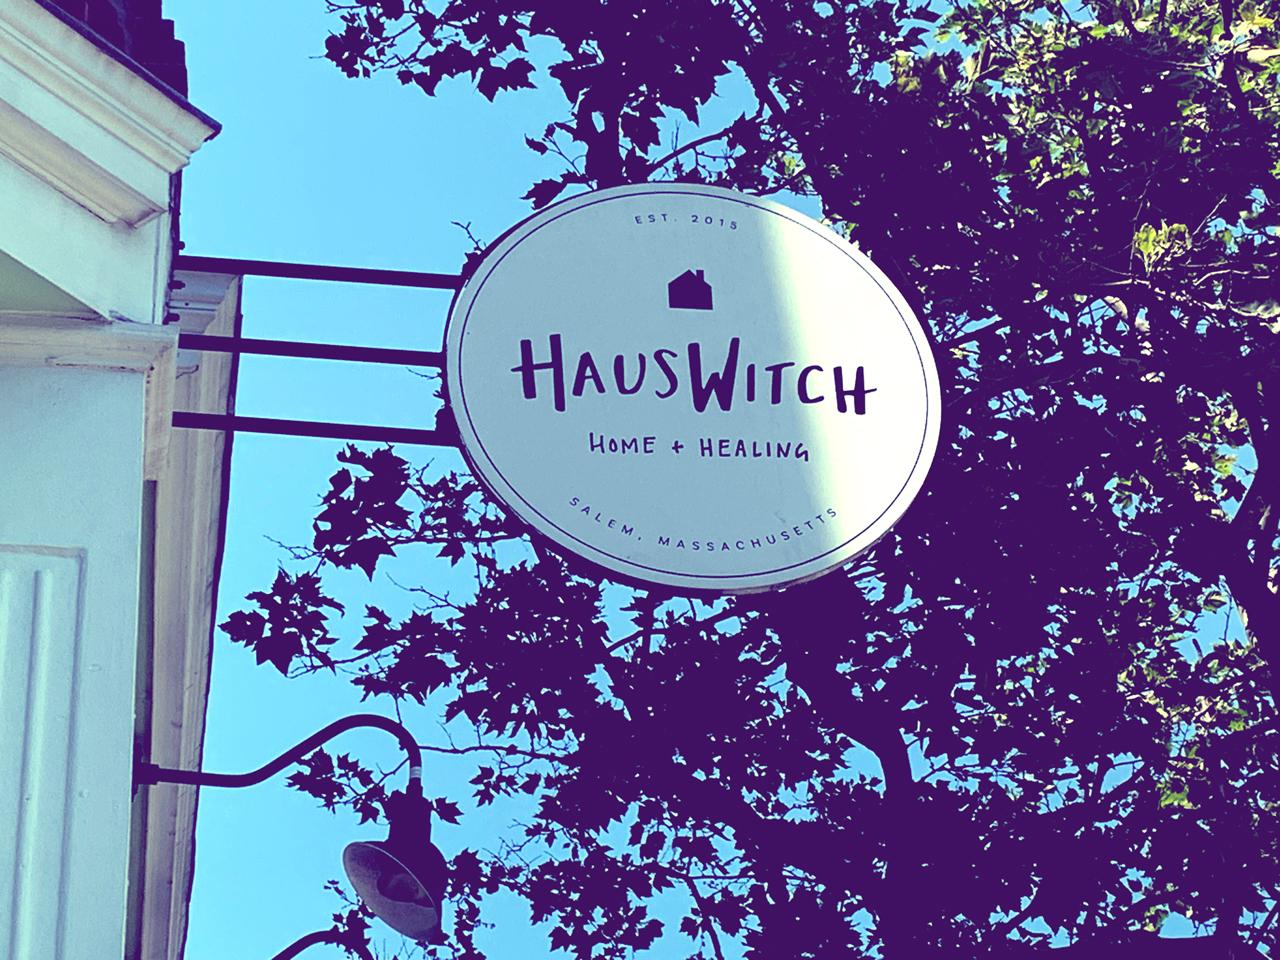 hauswitch-salem-massachusetts-1280x960-03